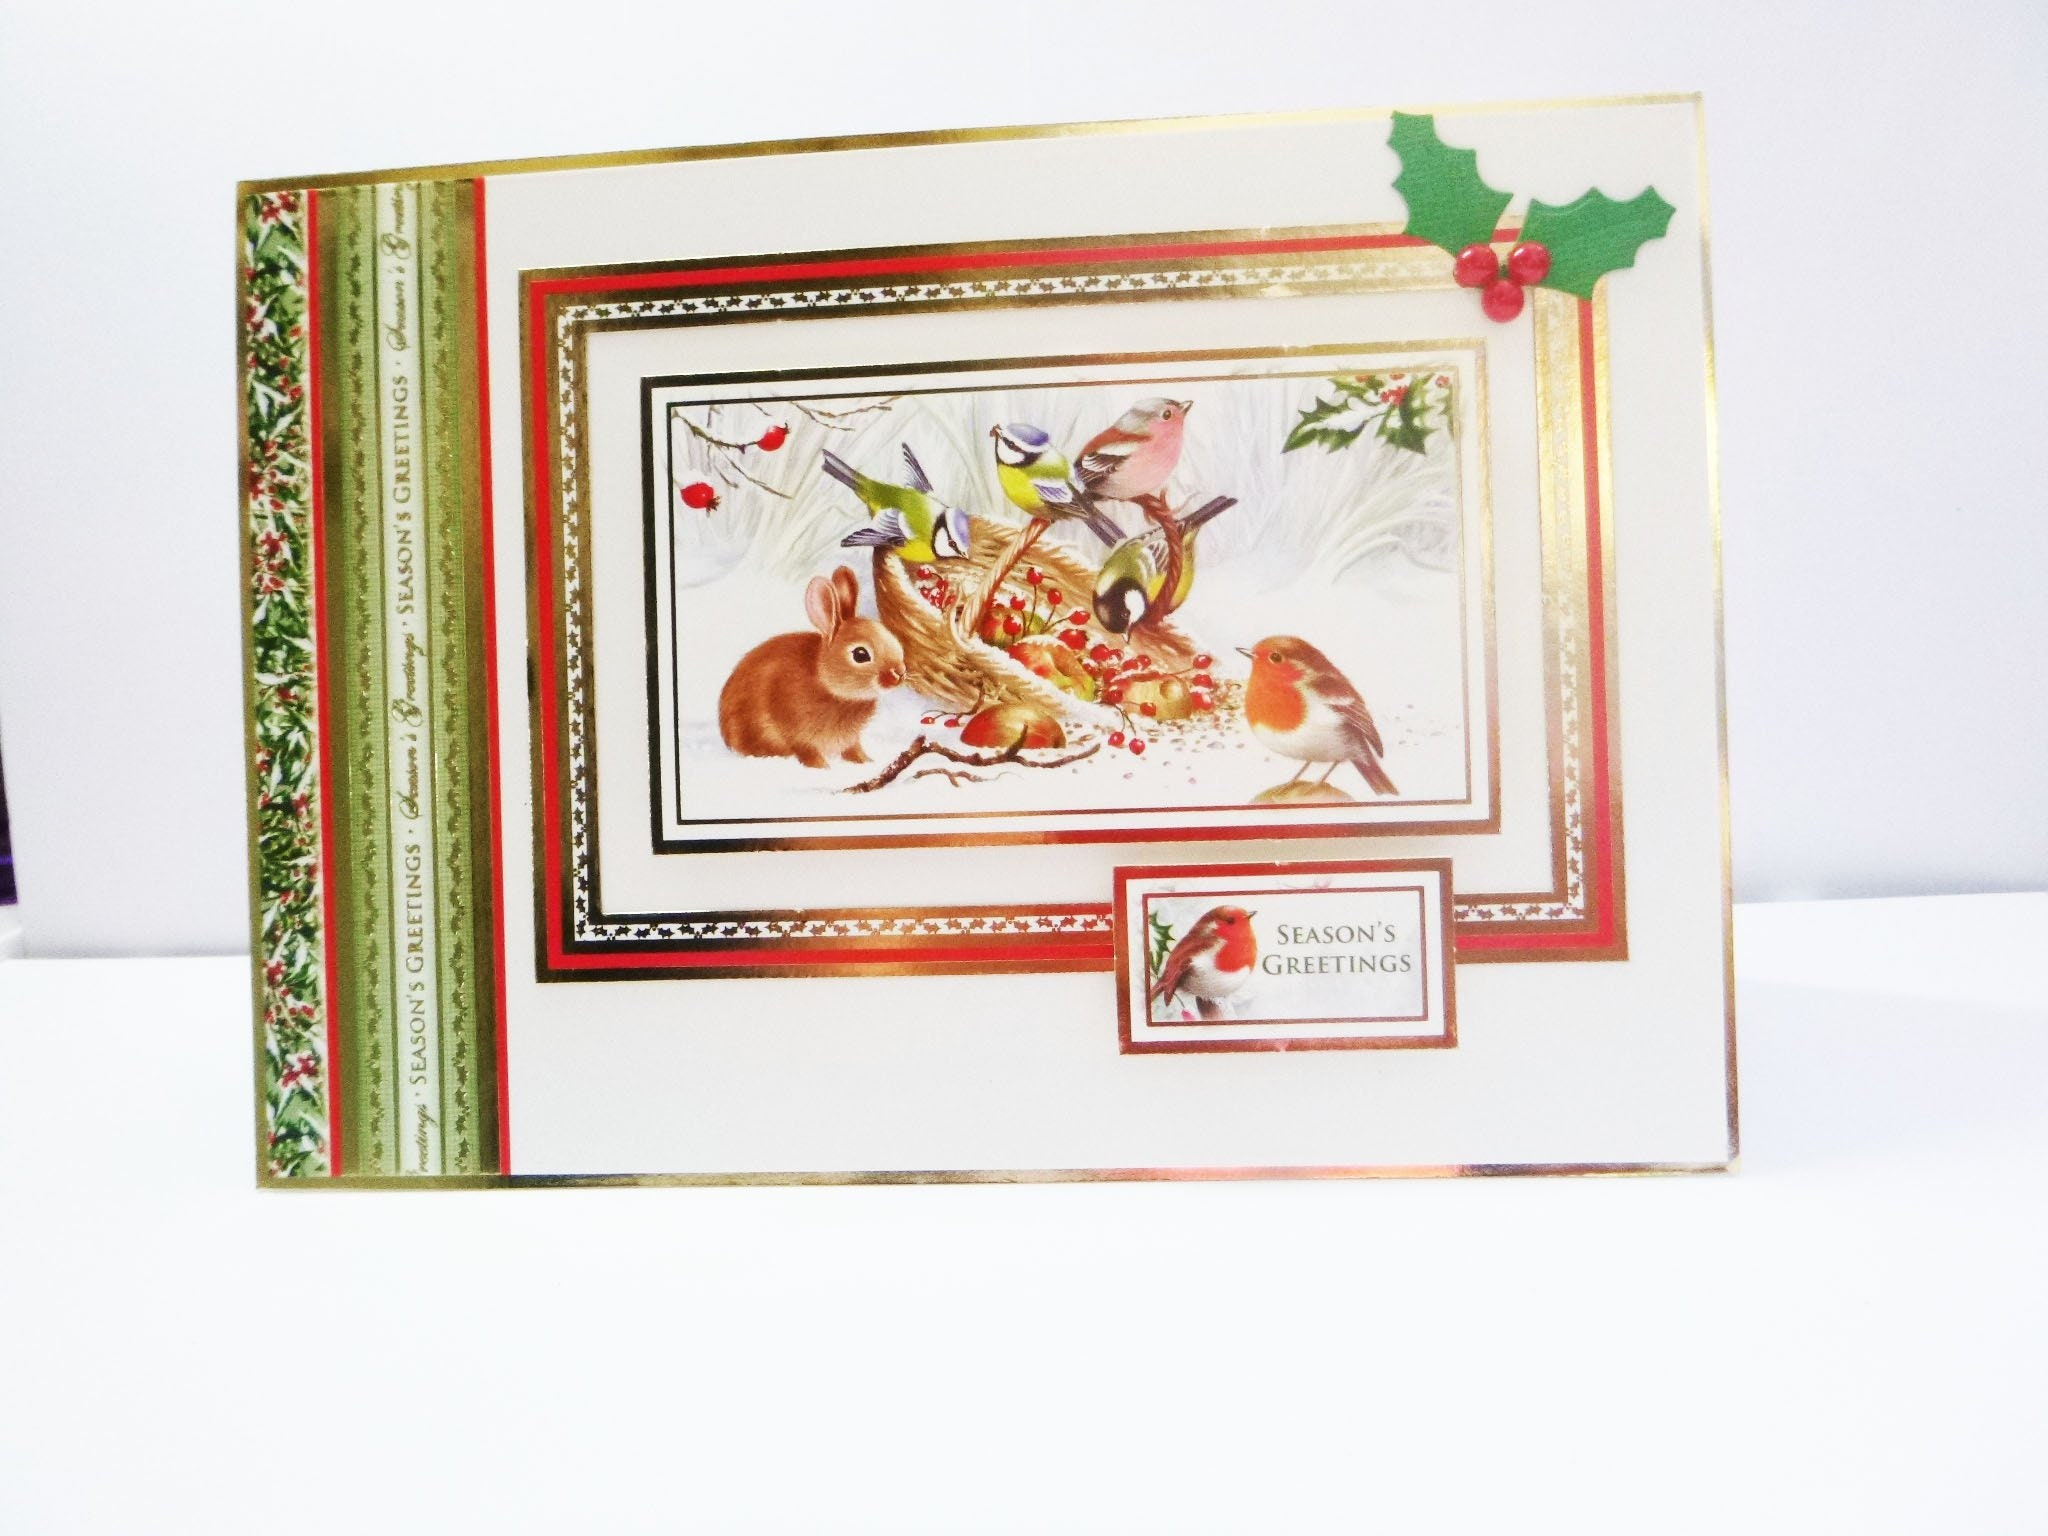 Animal Christmas Card Traditional Christmas Card Seasons Greetings